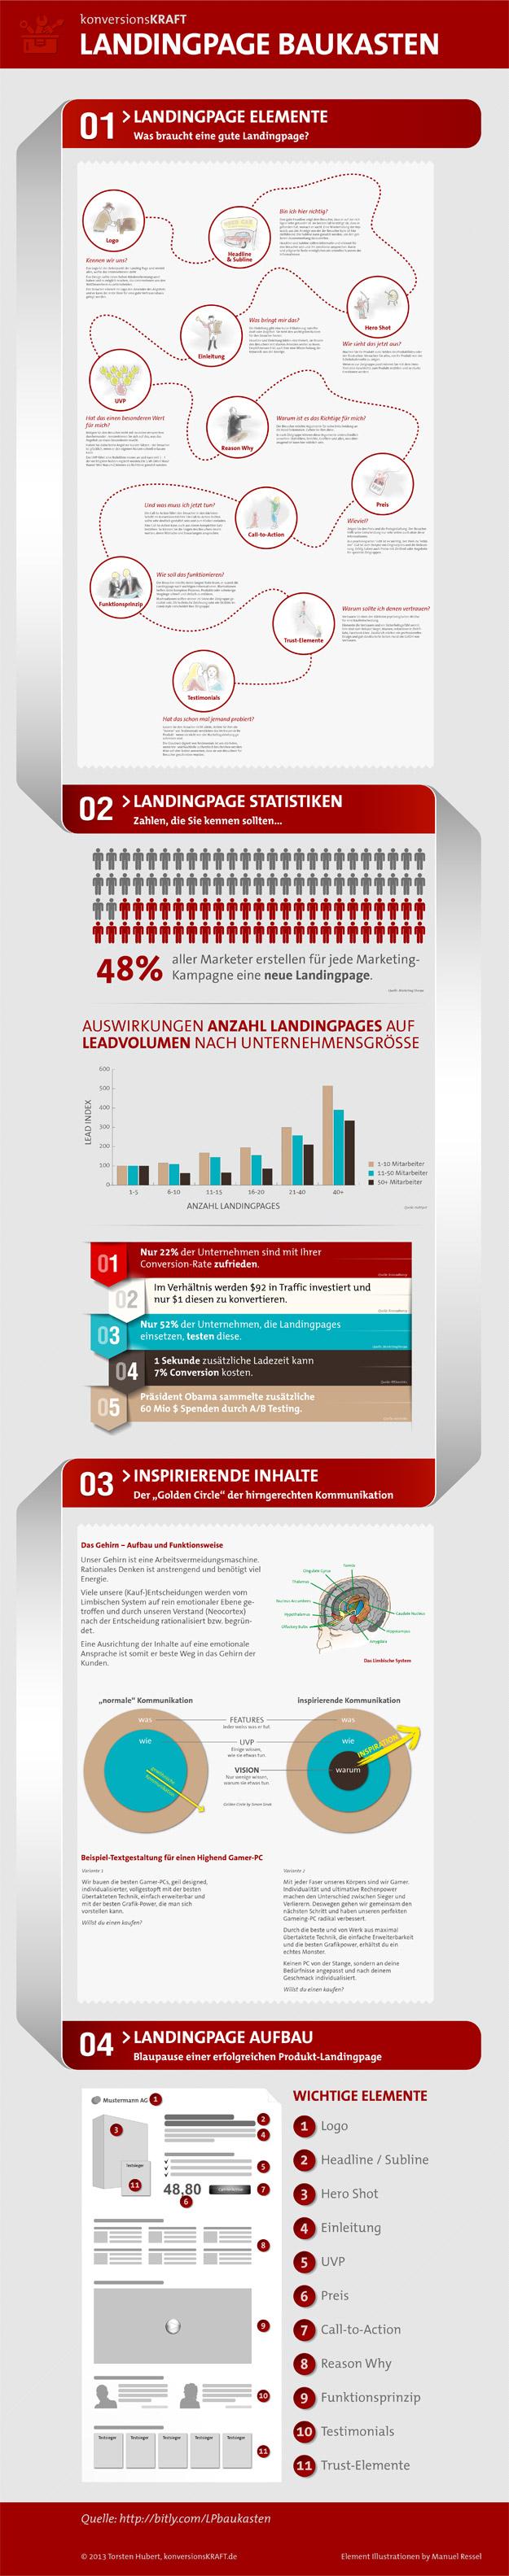 Landingpage Baukasten - Infografik